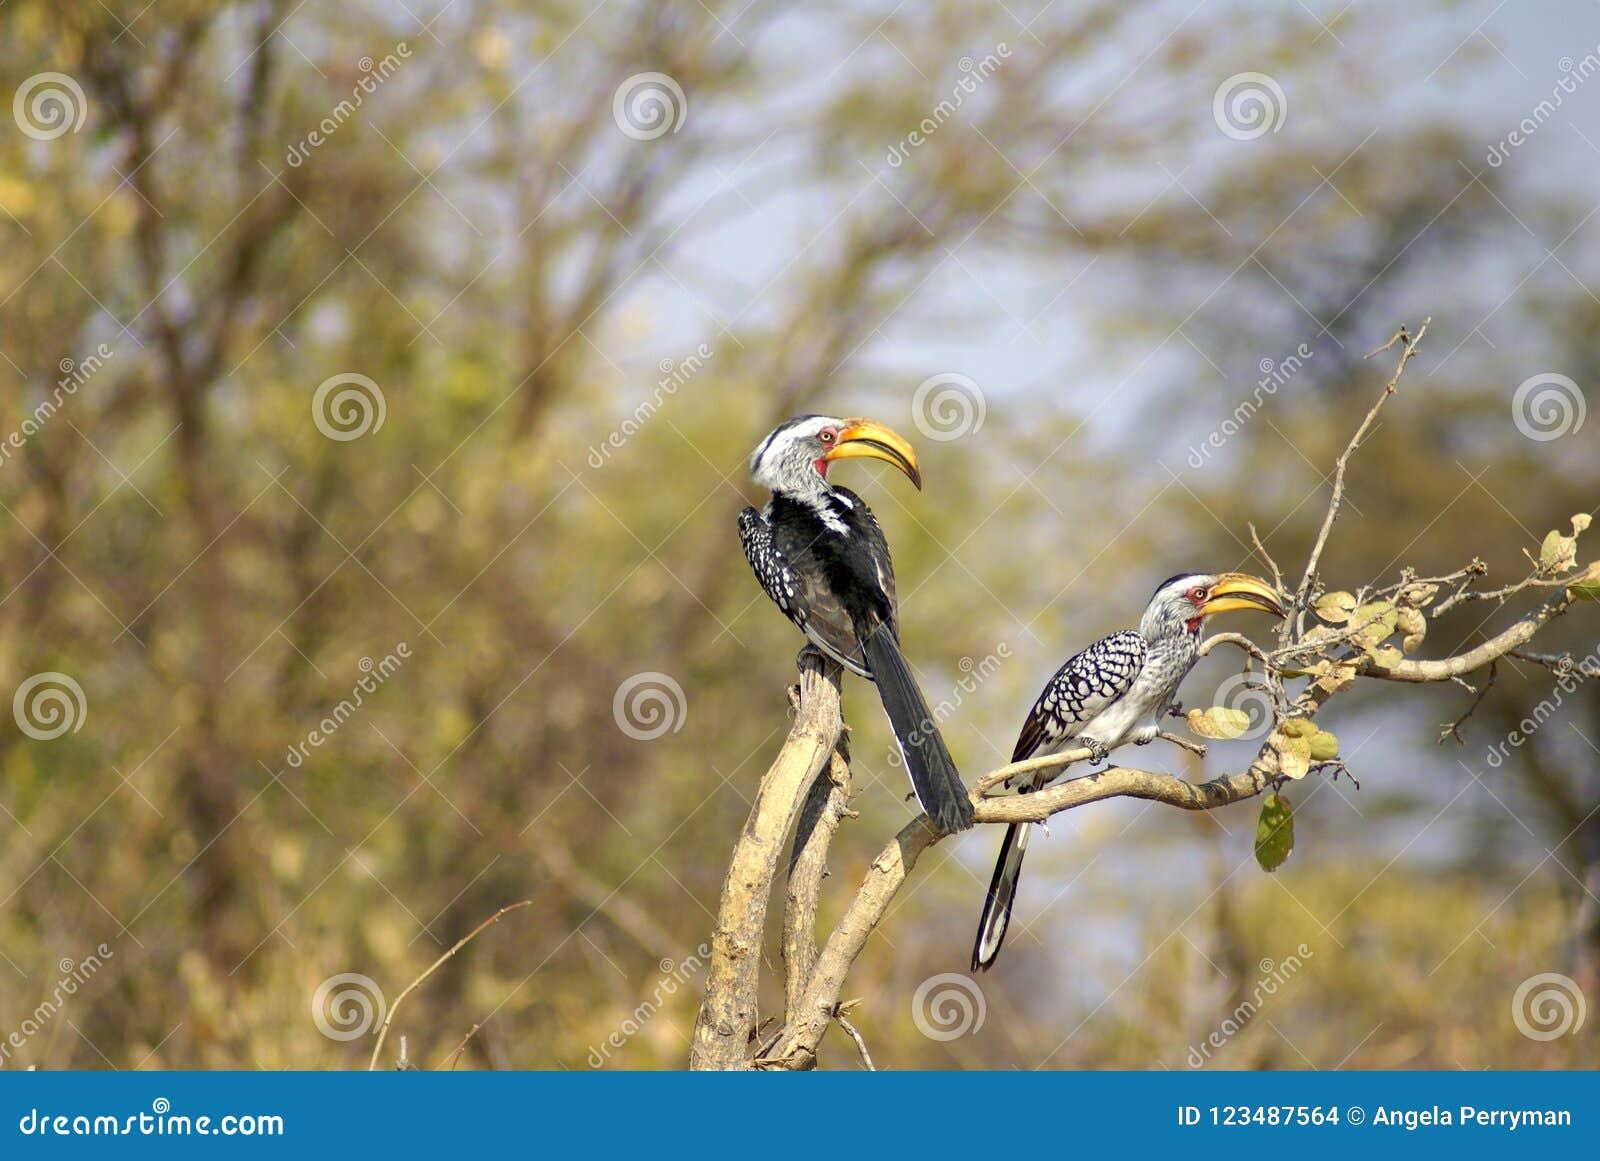 Buceri dal becco giallo del sud su un albero